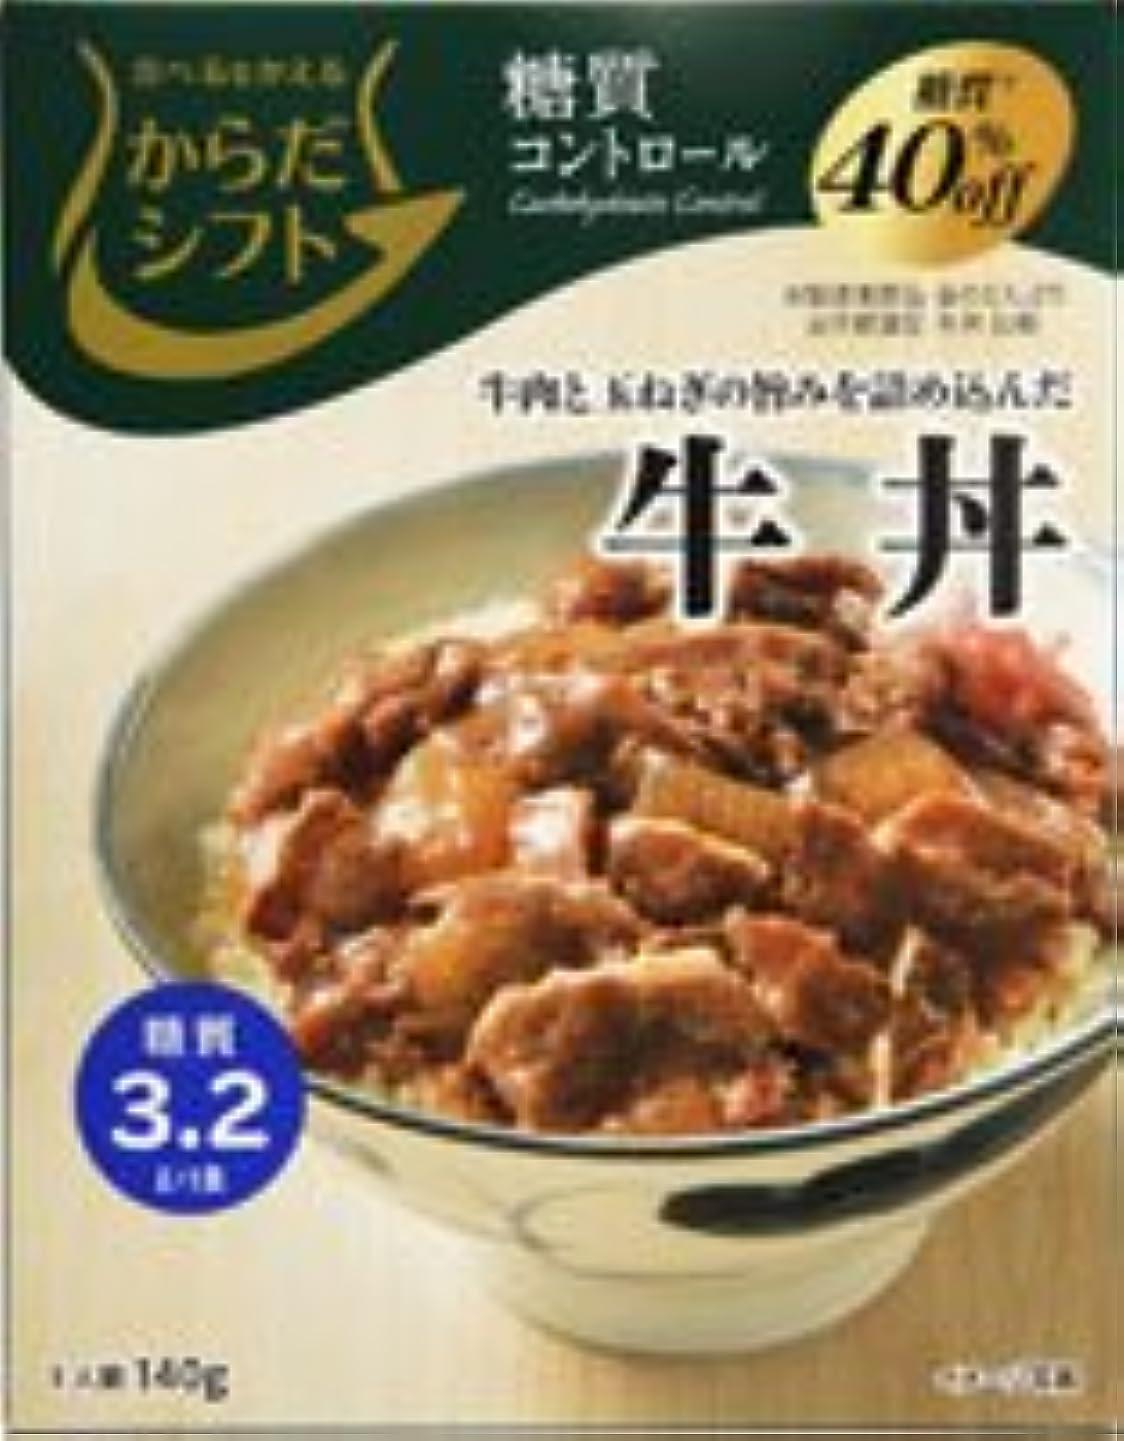 オセアニア違う蜂からだシフト 糖質コントロール 牛丼140g 【5個セット】